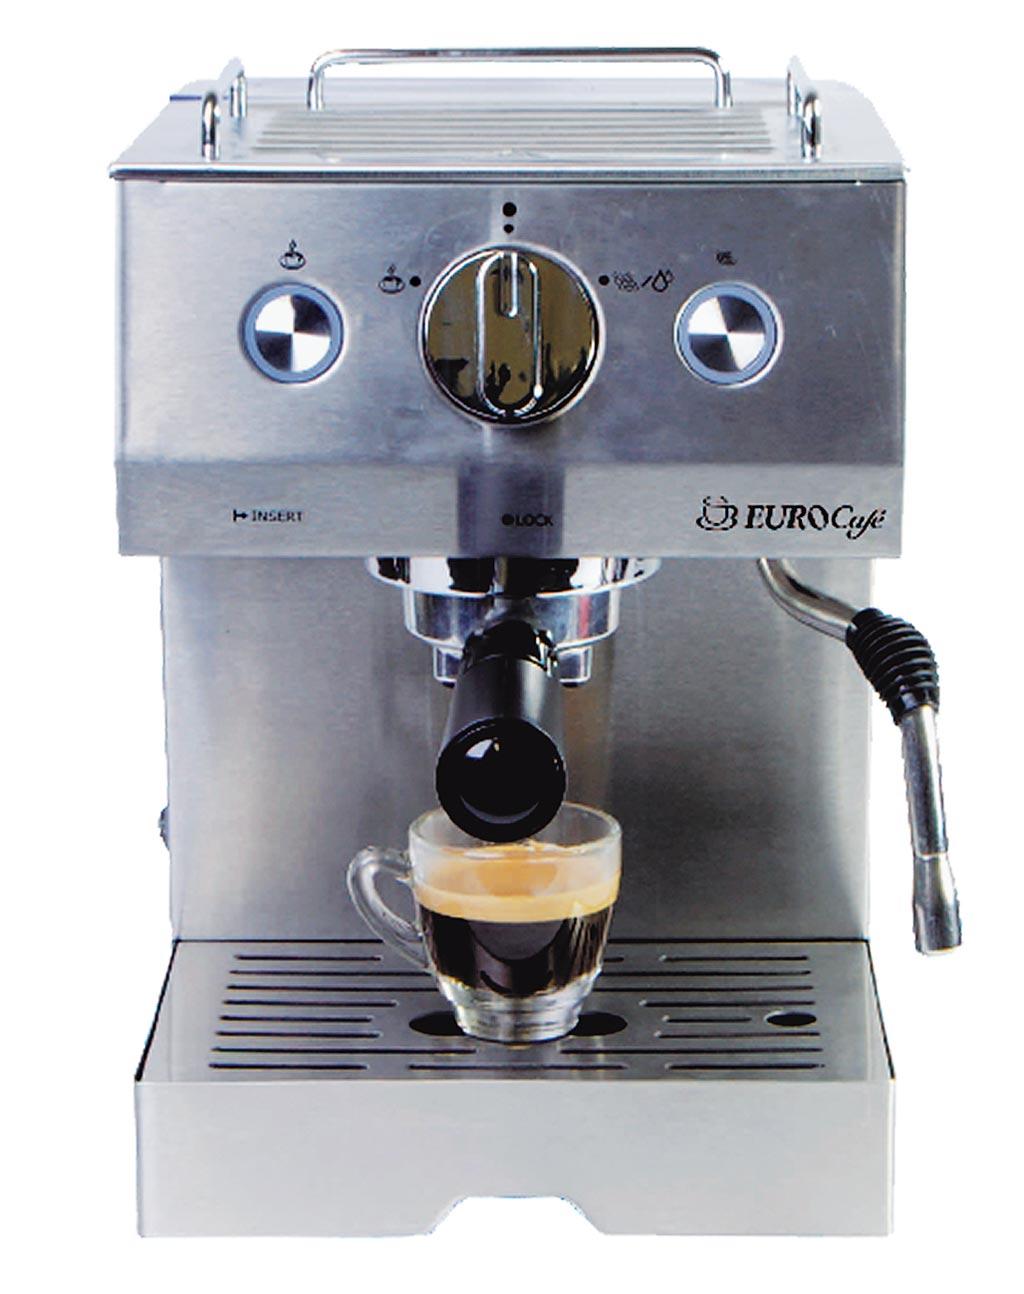 新光三越台北南西店15日起限時限量,JURA Eurocafe EU305義式半自動咖啡機,原價1萬3500元、實體三倍券專屬價5990元,44折。(新光三越提供)